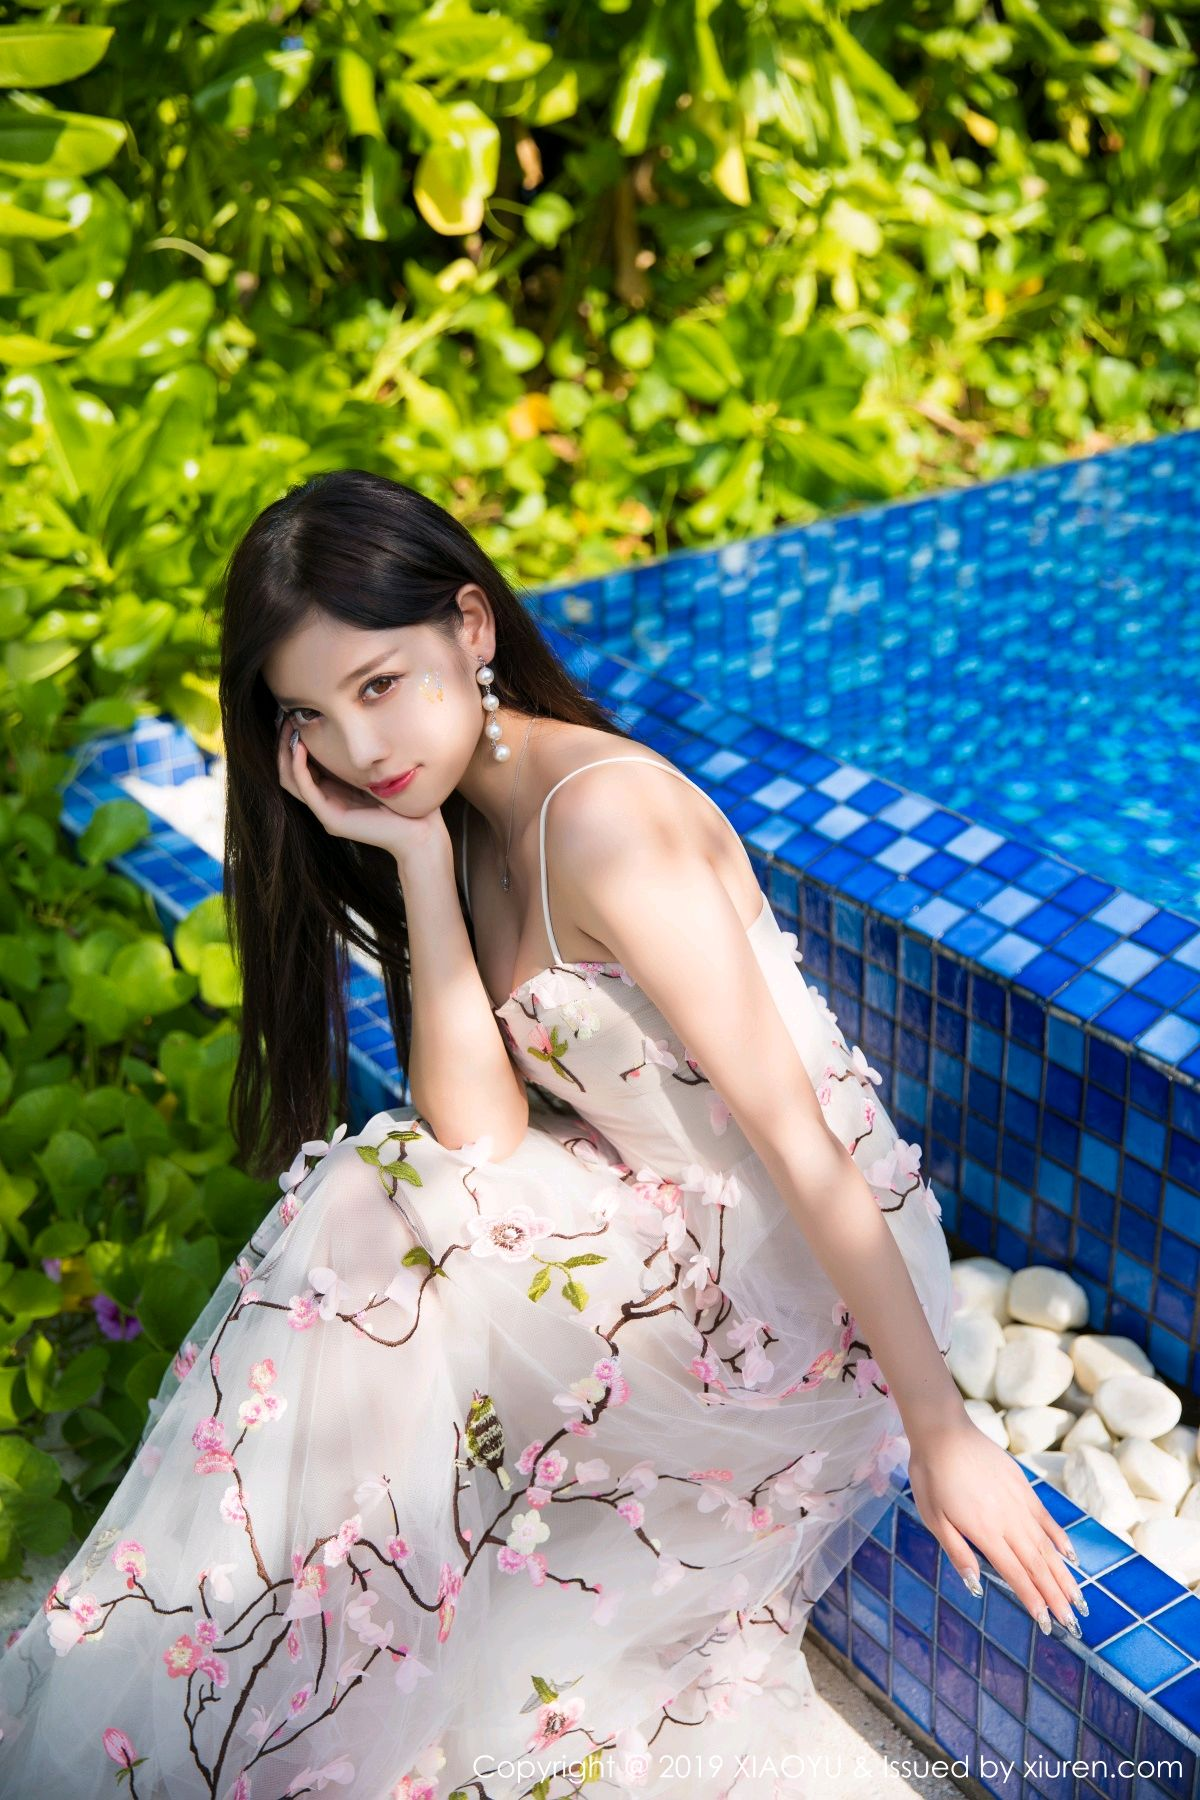 [XiaoYu] Vol.109 Yang Chen Chen 53P, Underwear, XiaoYu, Yang Chen Chen